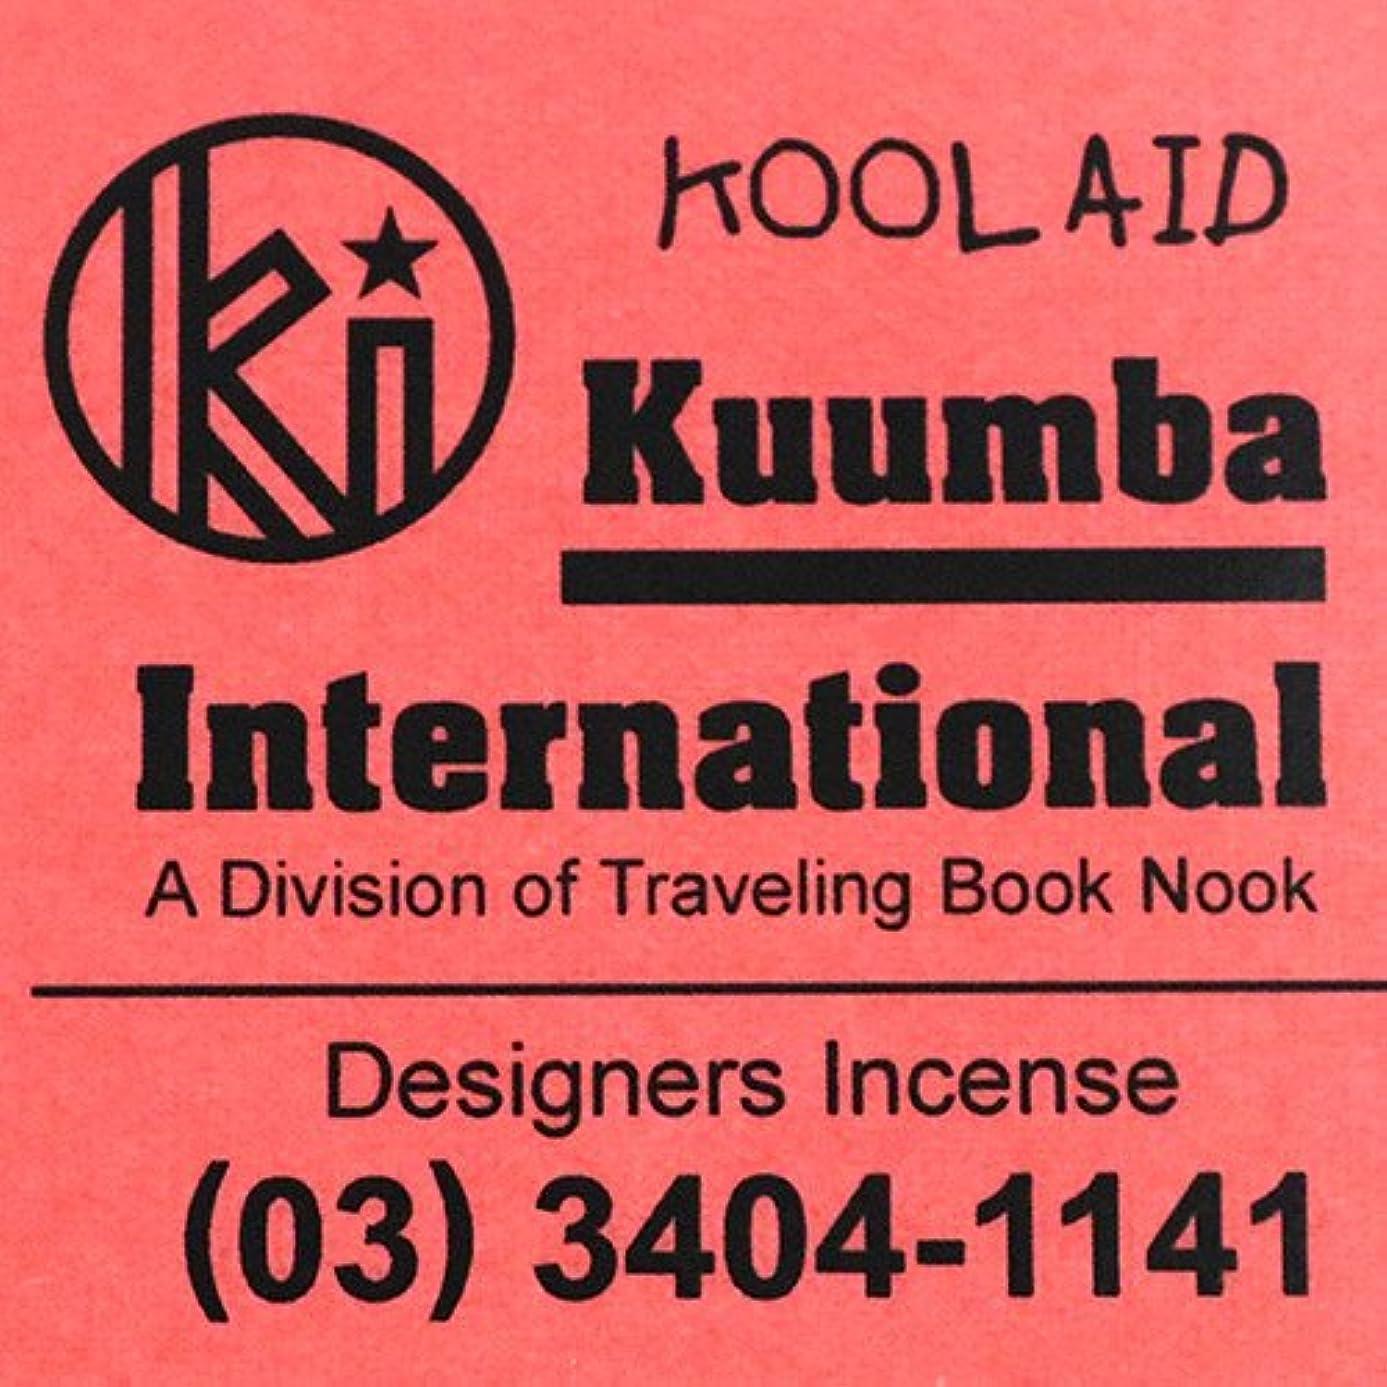 証拠検出自分の(クンバ) KUUMBA『incense』(KOOL AID) (Regular size)